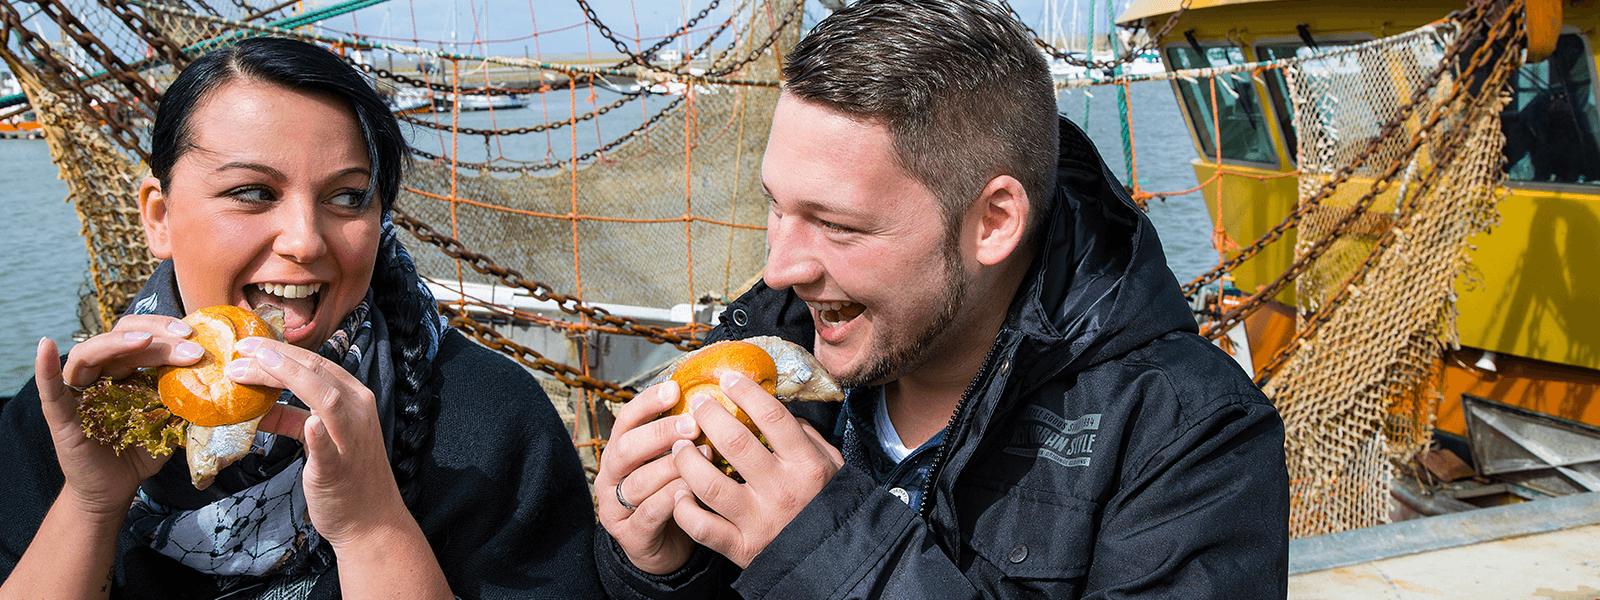 Pärchen genießt Fischbrötchen